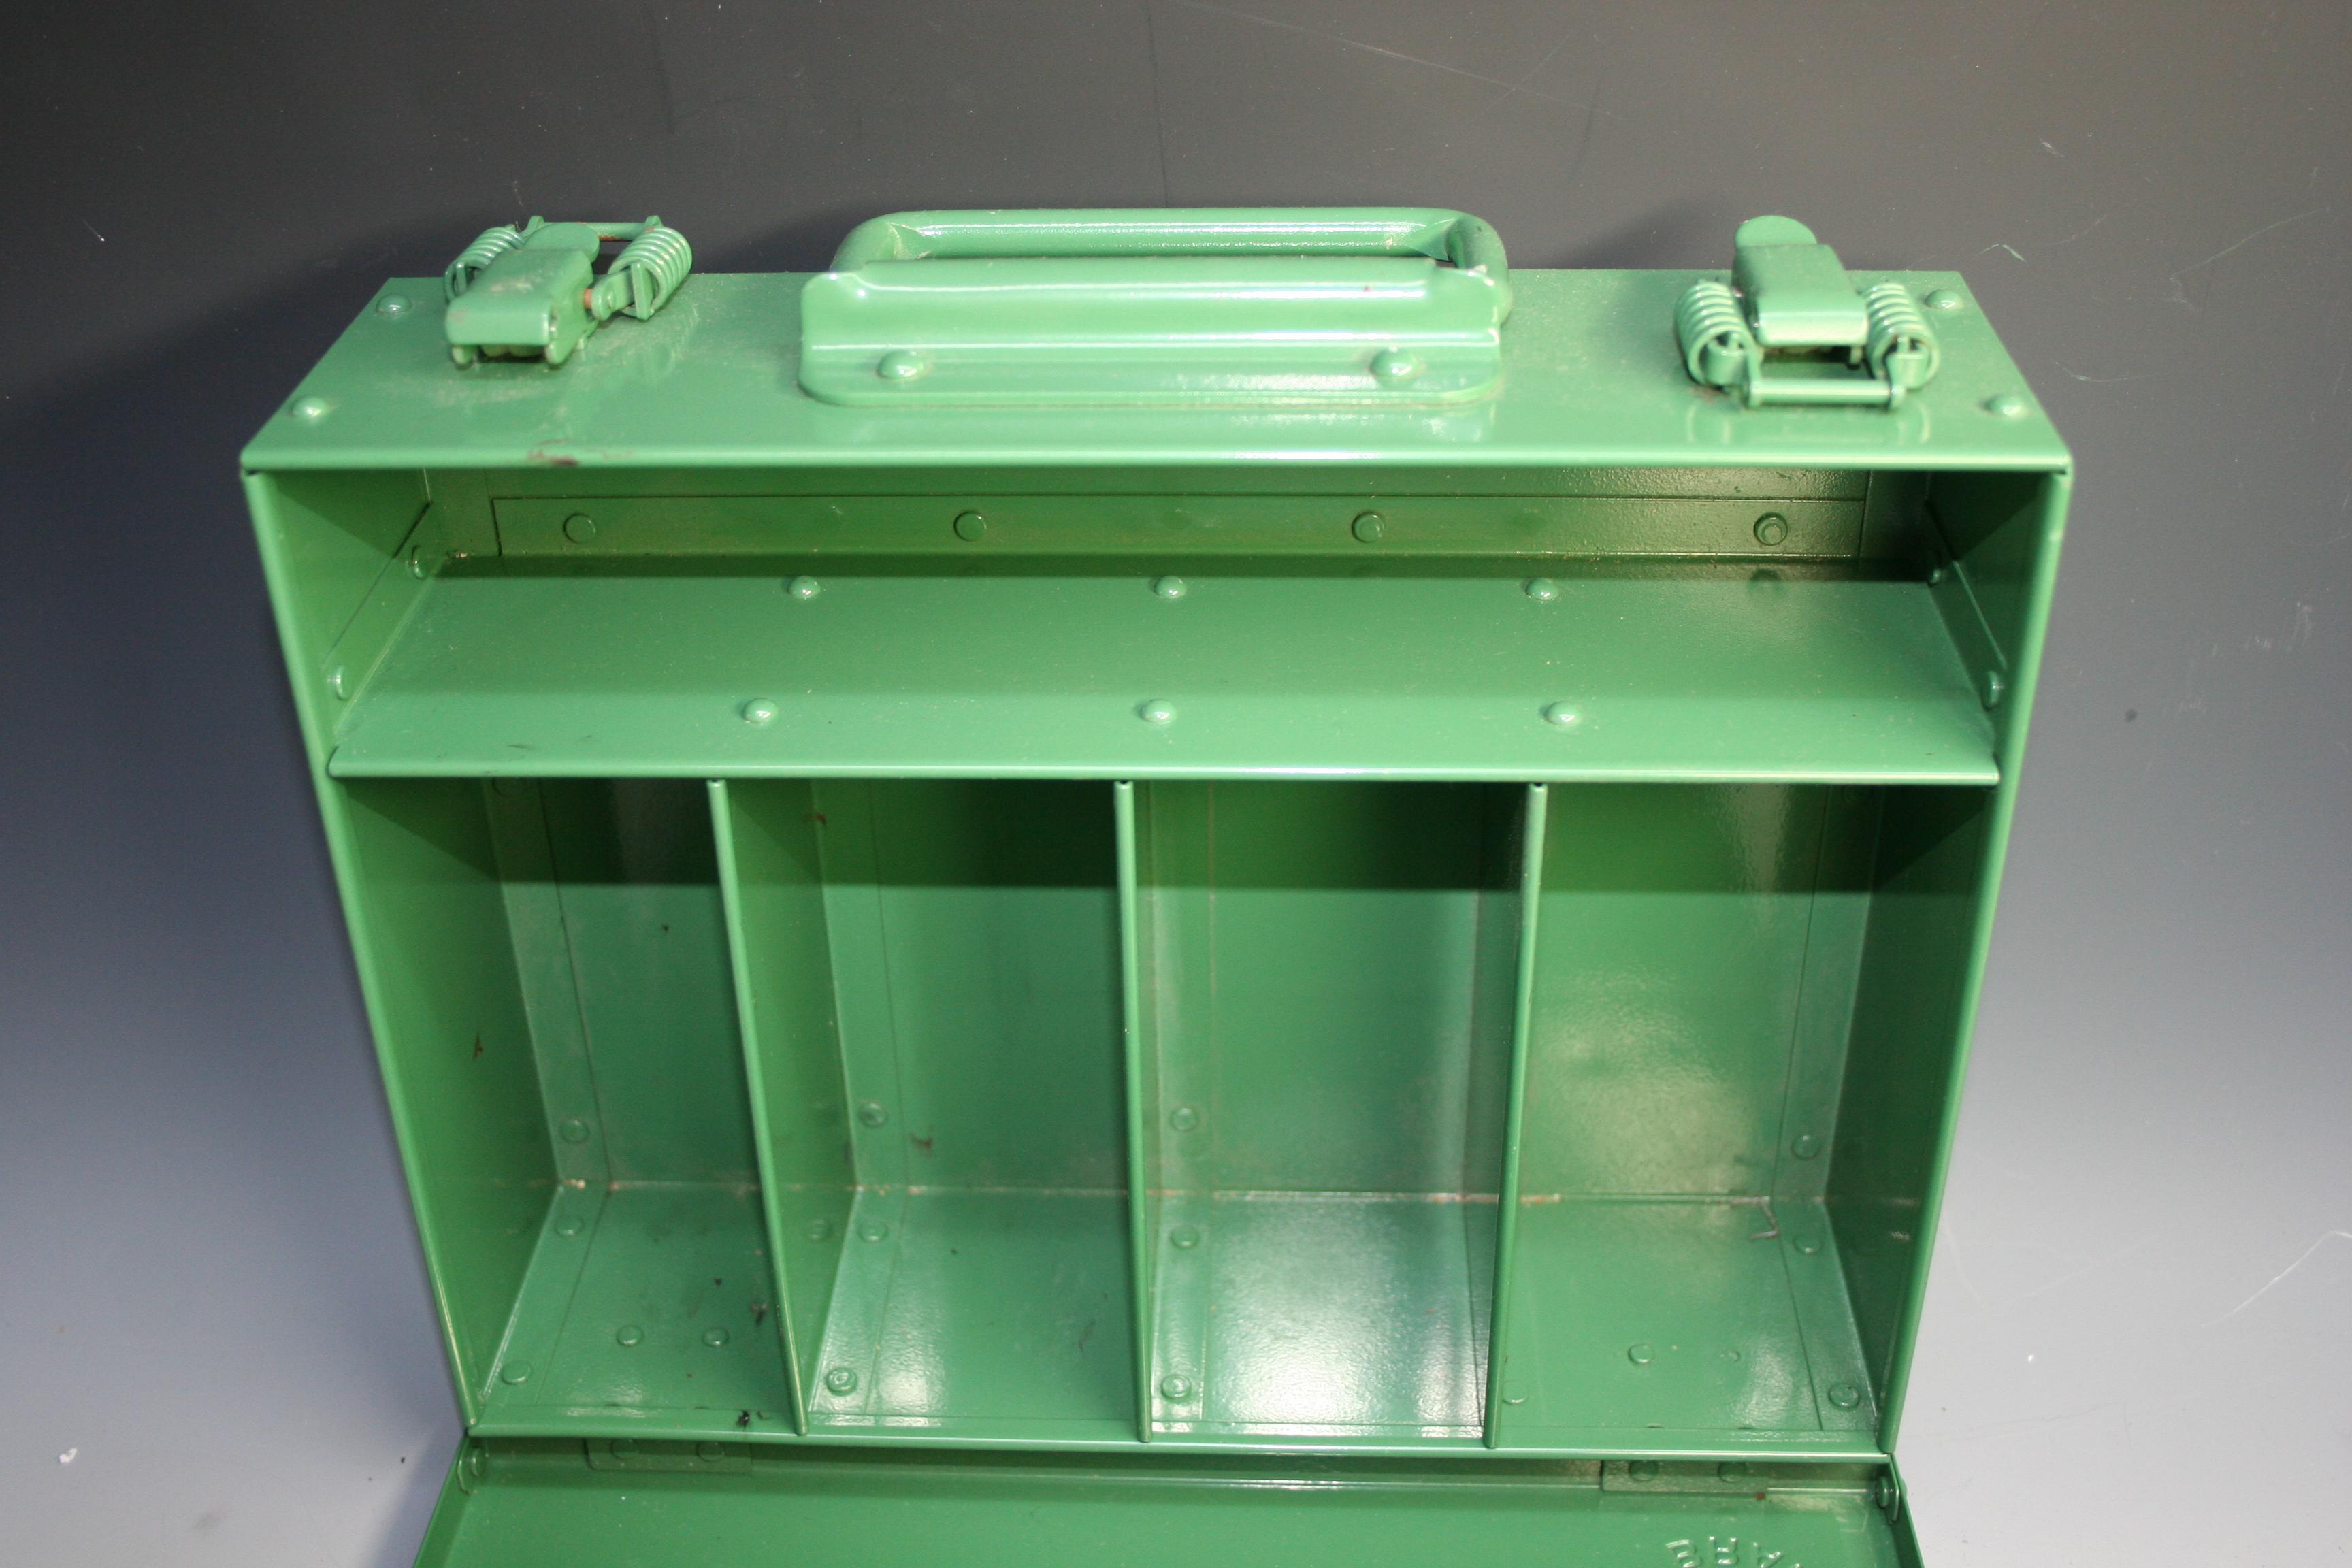 ホットカシメによるボックス(ルアーBOX)組立画像